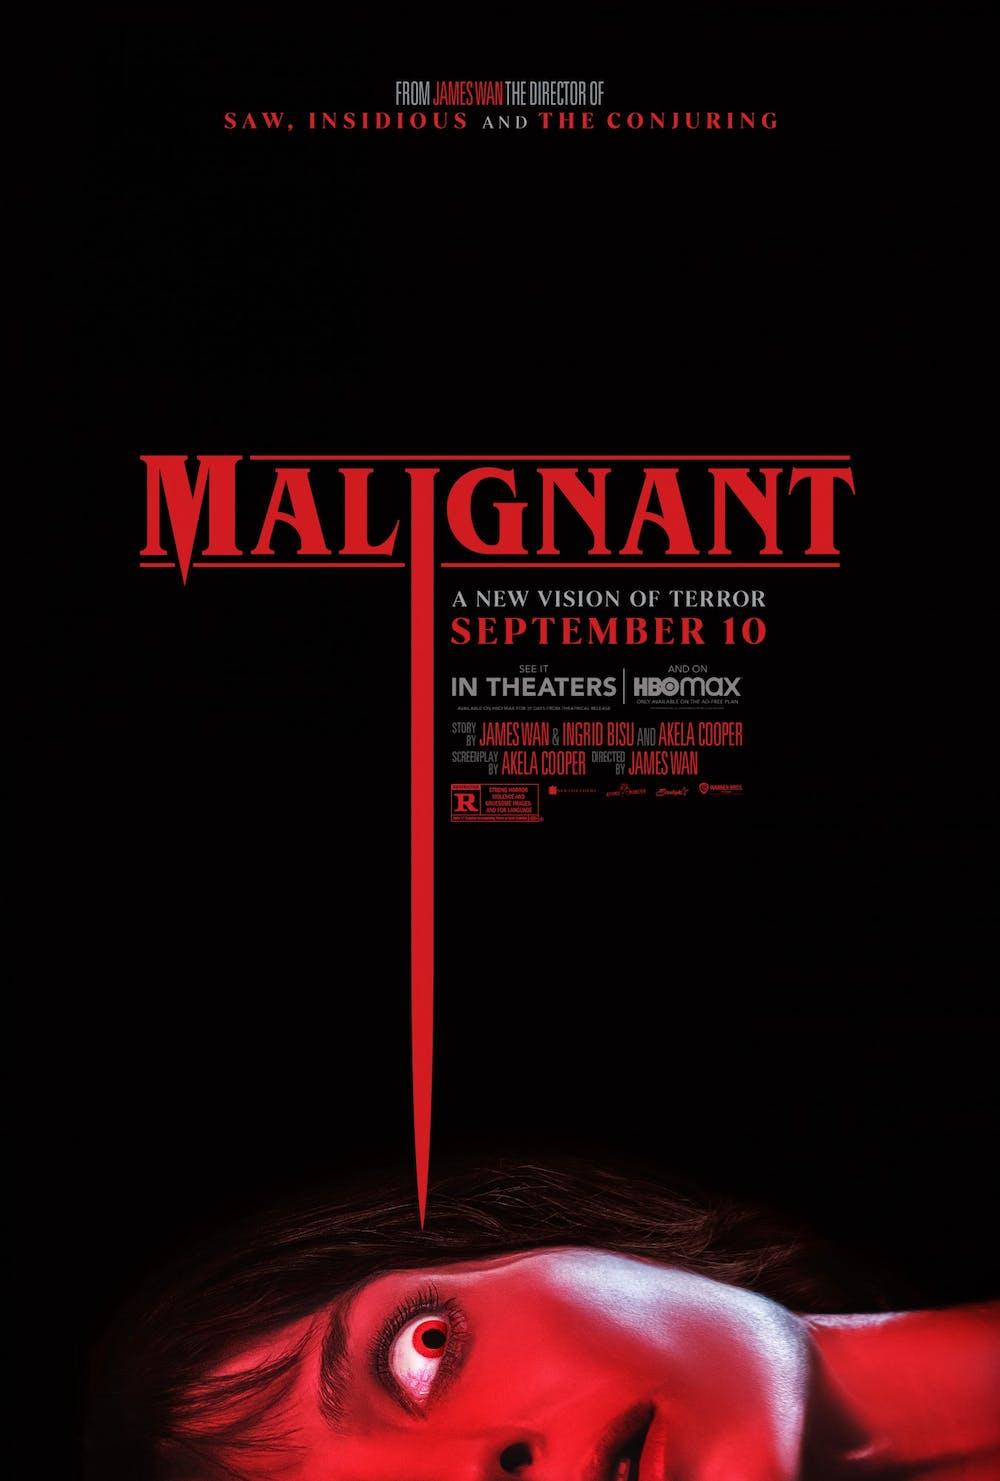 malignant-courtesy-warner-bros